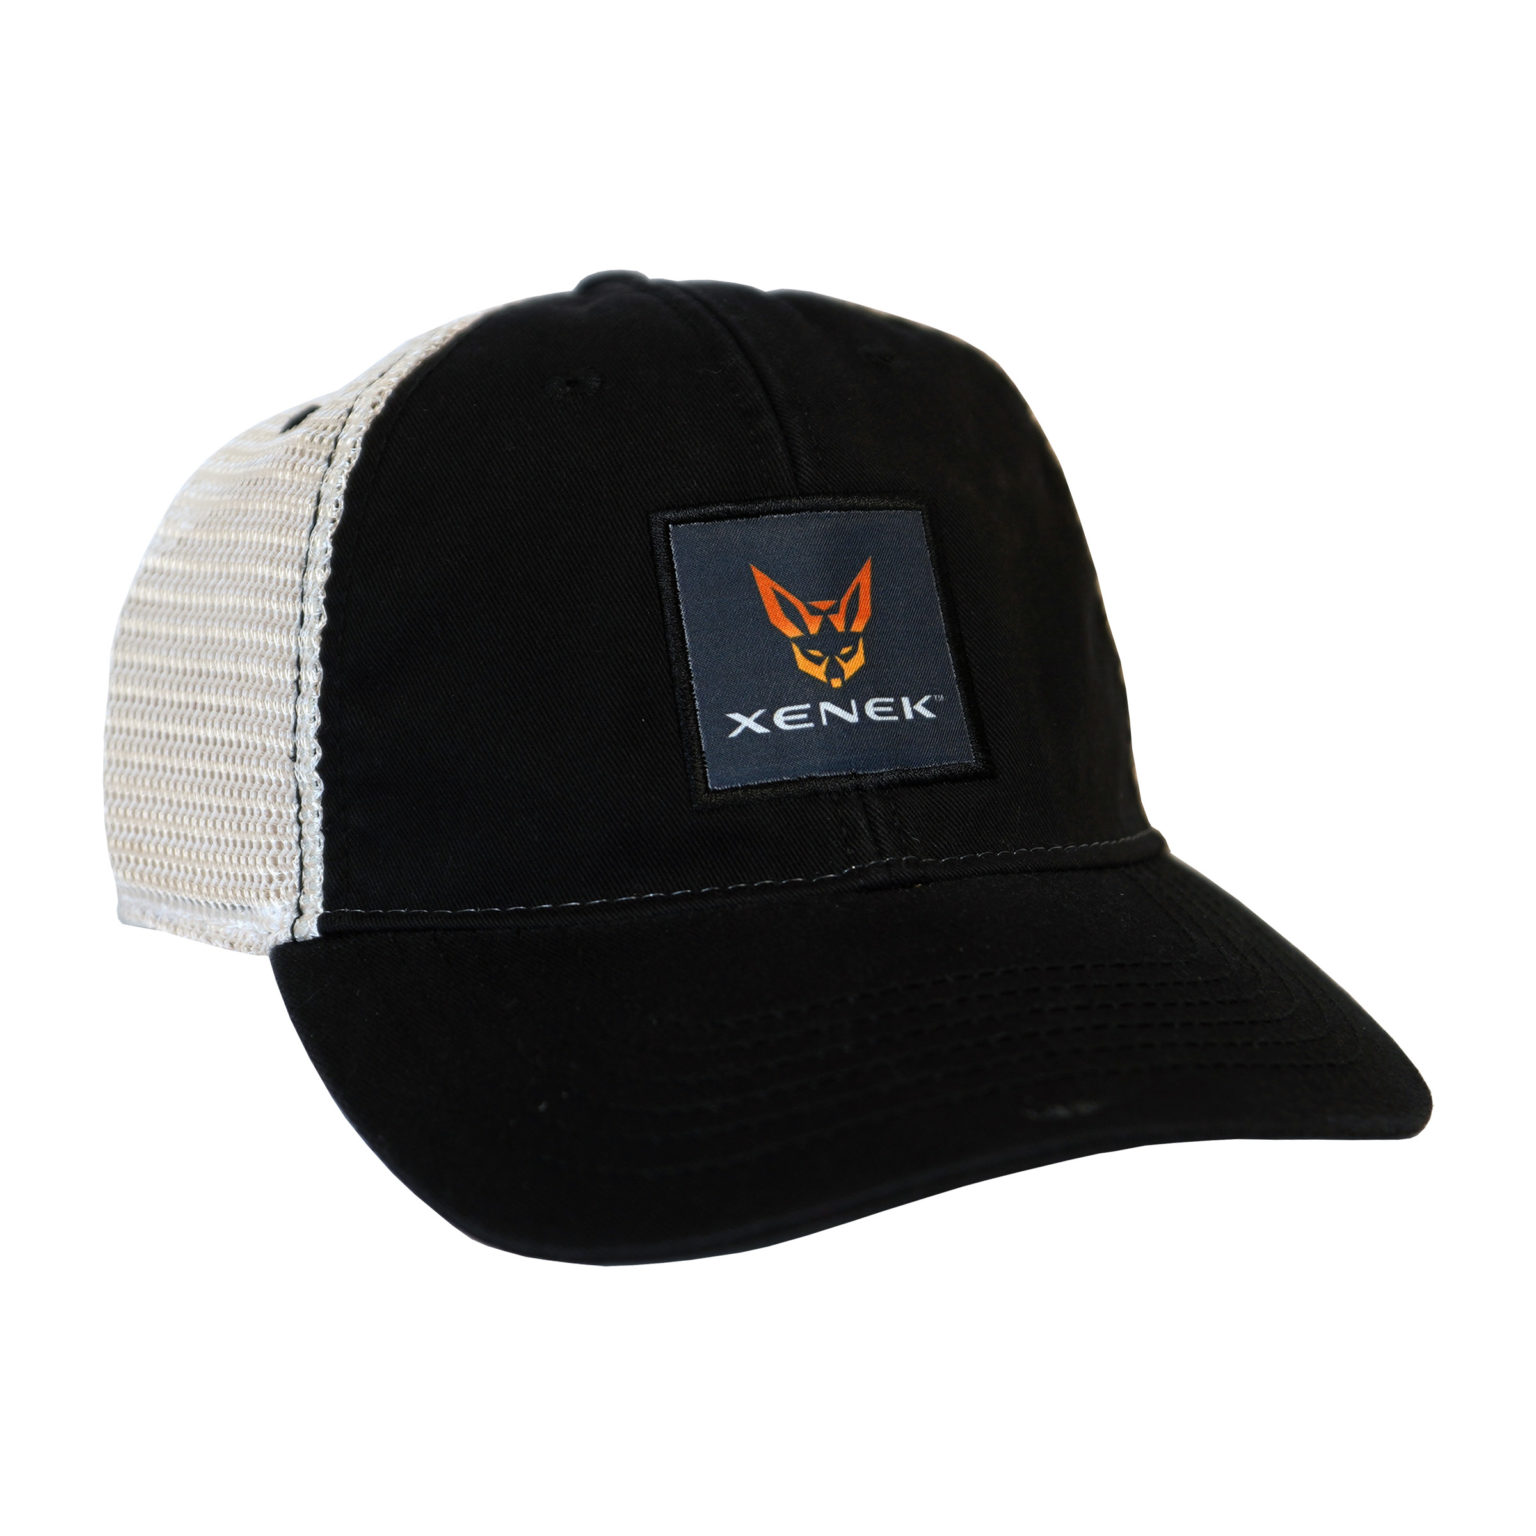 Relaxed Twill Black Trucker Cap w/ XENEK Patch